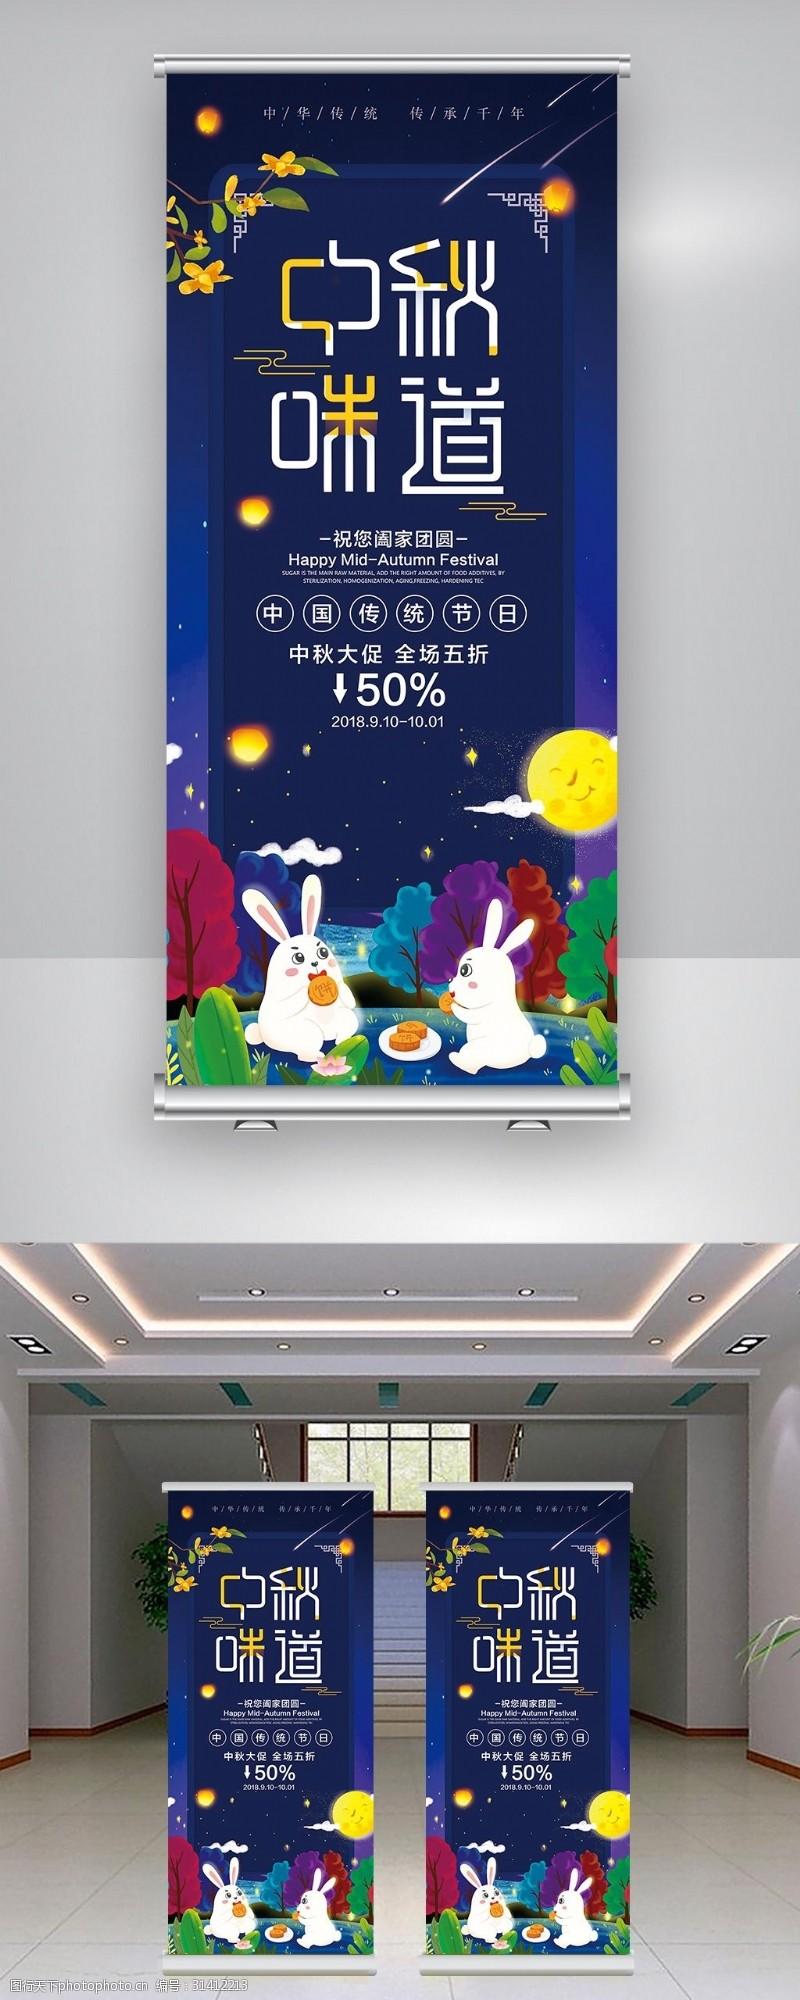 乐享中秋蓝色大气创意月饼促销展架